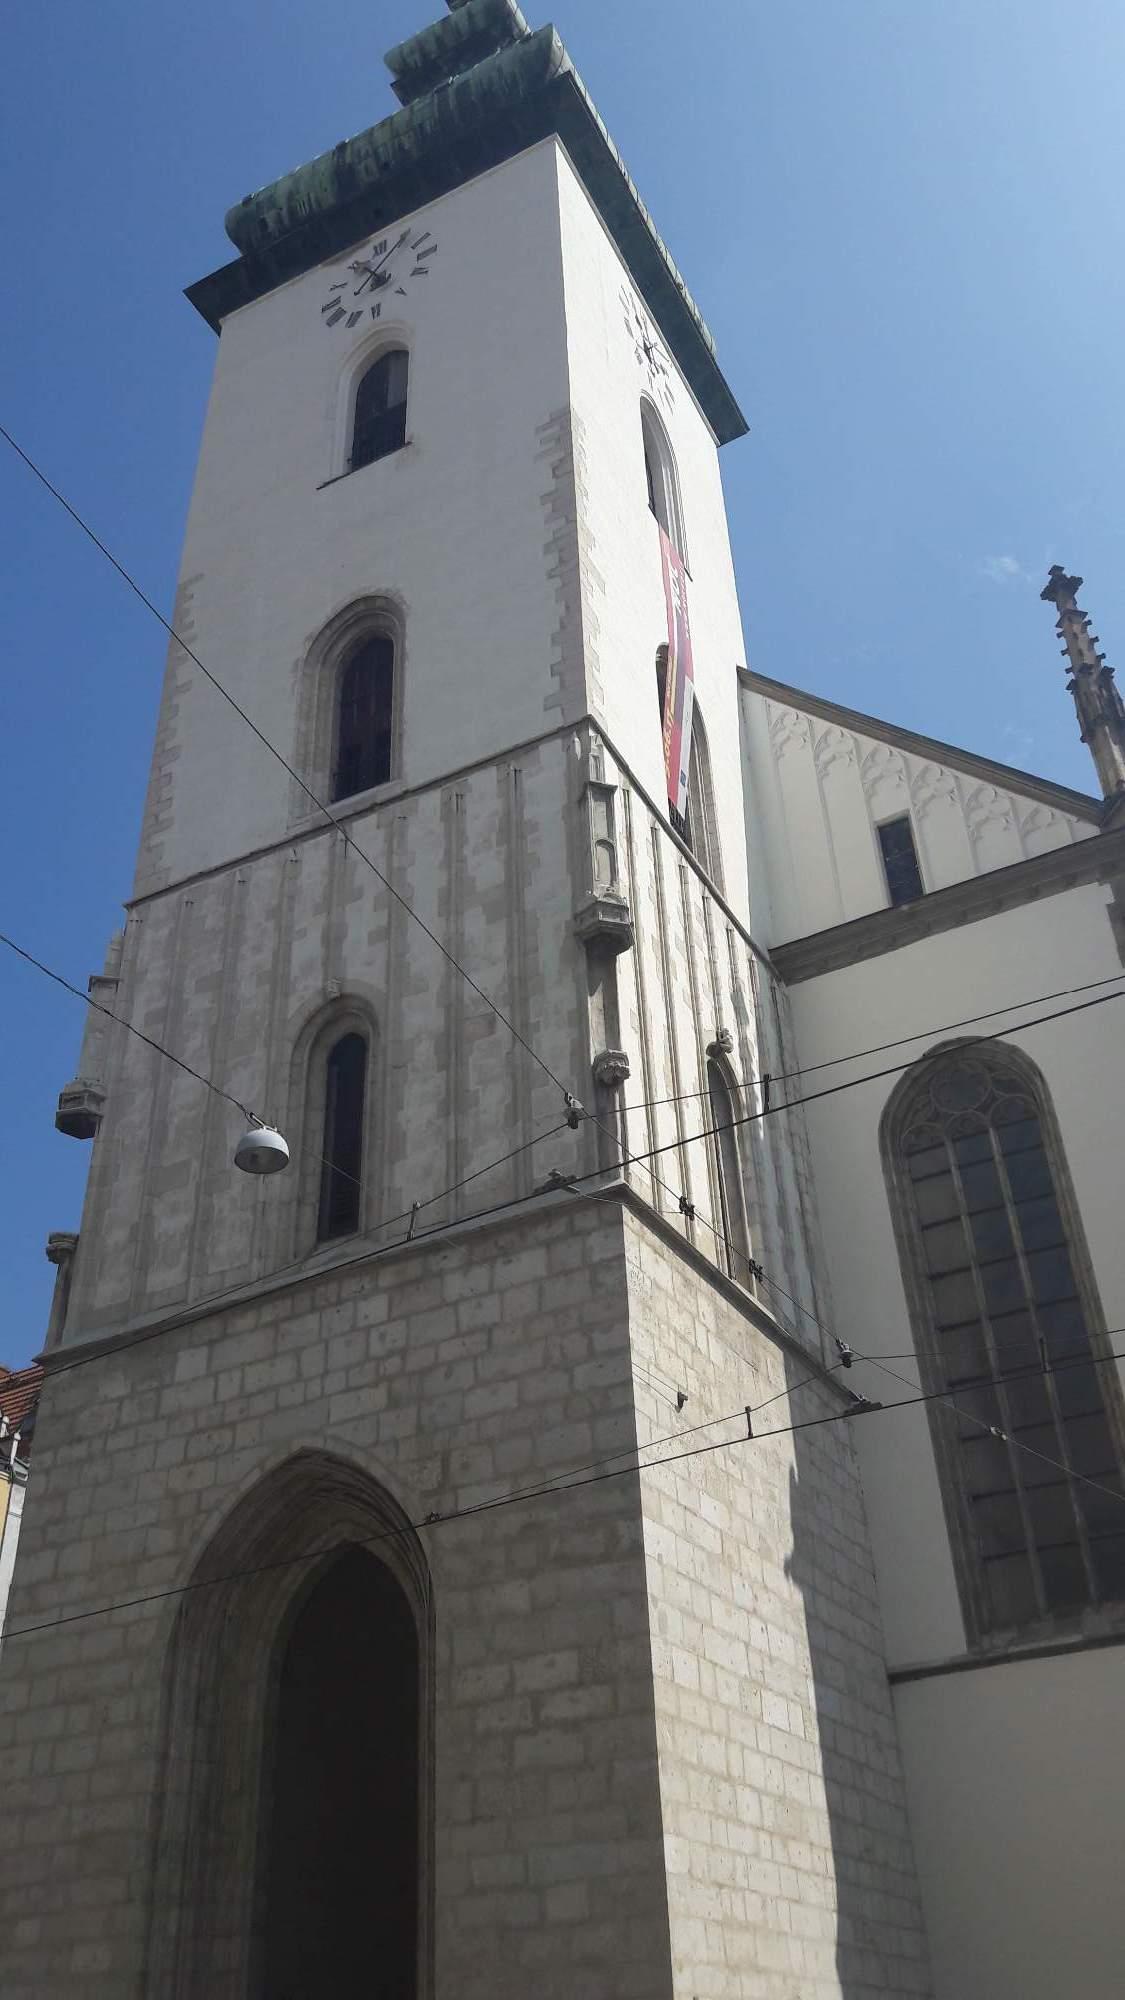 Kostel sv. Jakuba je pozdně gotickou stavbou. FOTO: Tereza Hálová